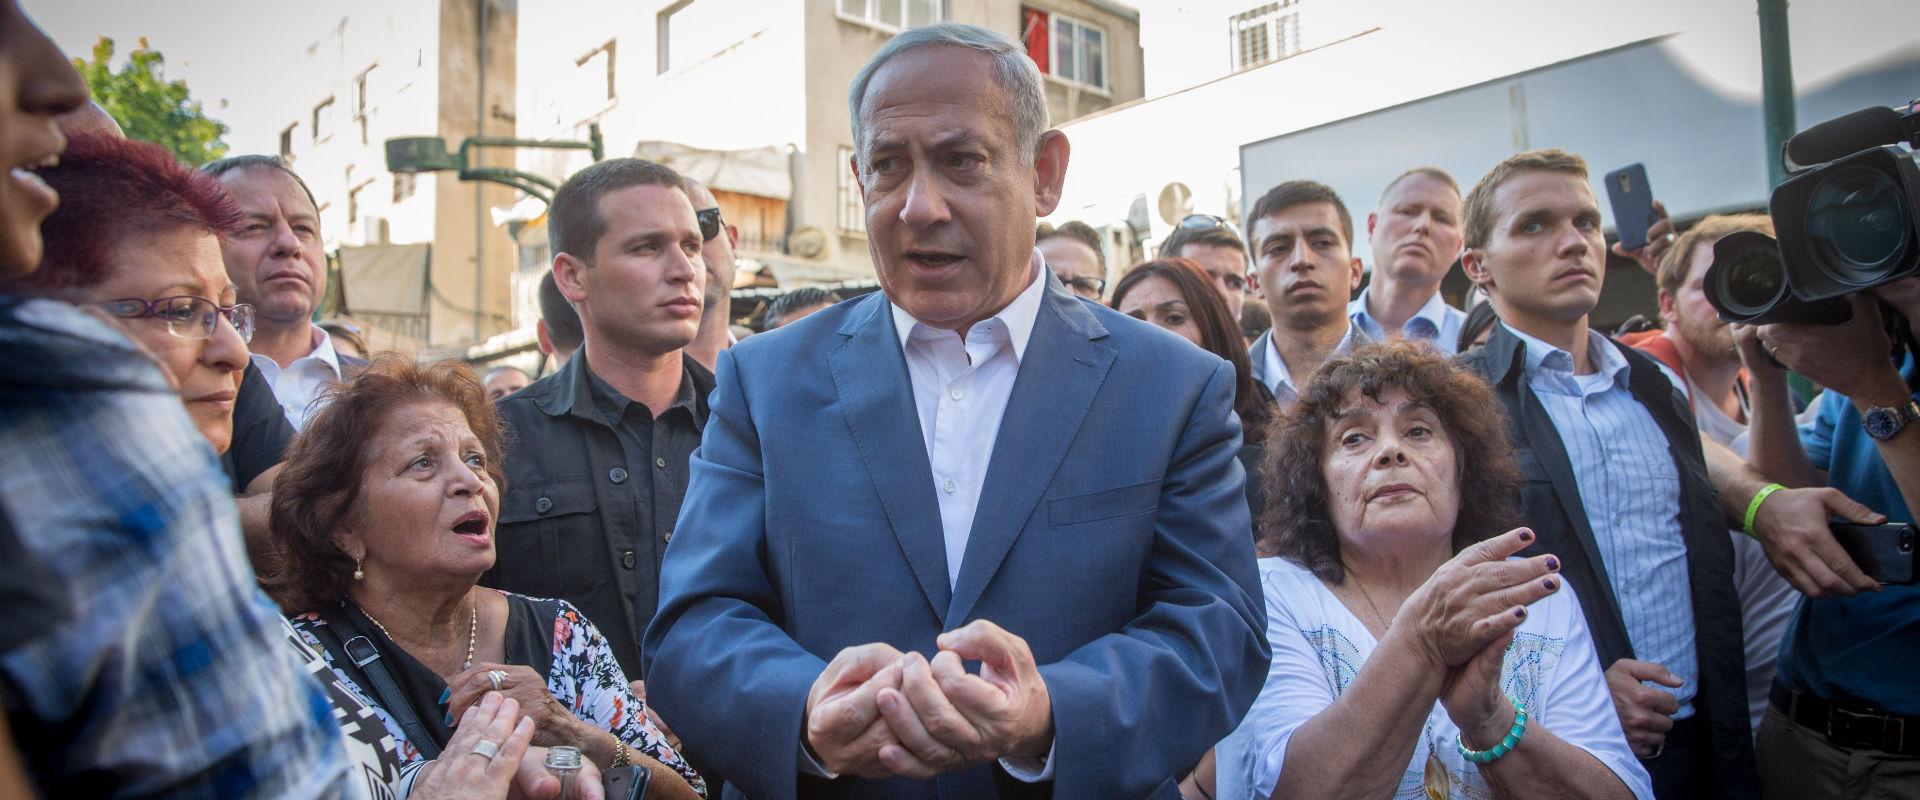 ראש הממשלה בנימין נתניהו בביקורו בדרום תל אביב